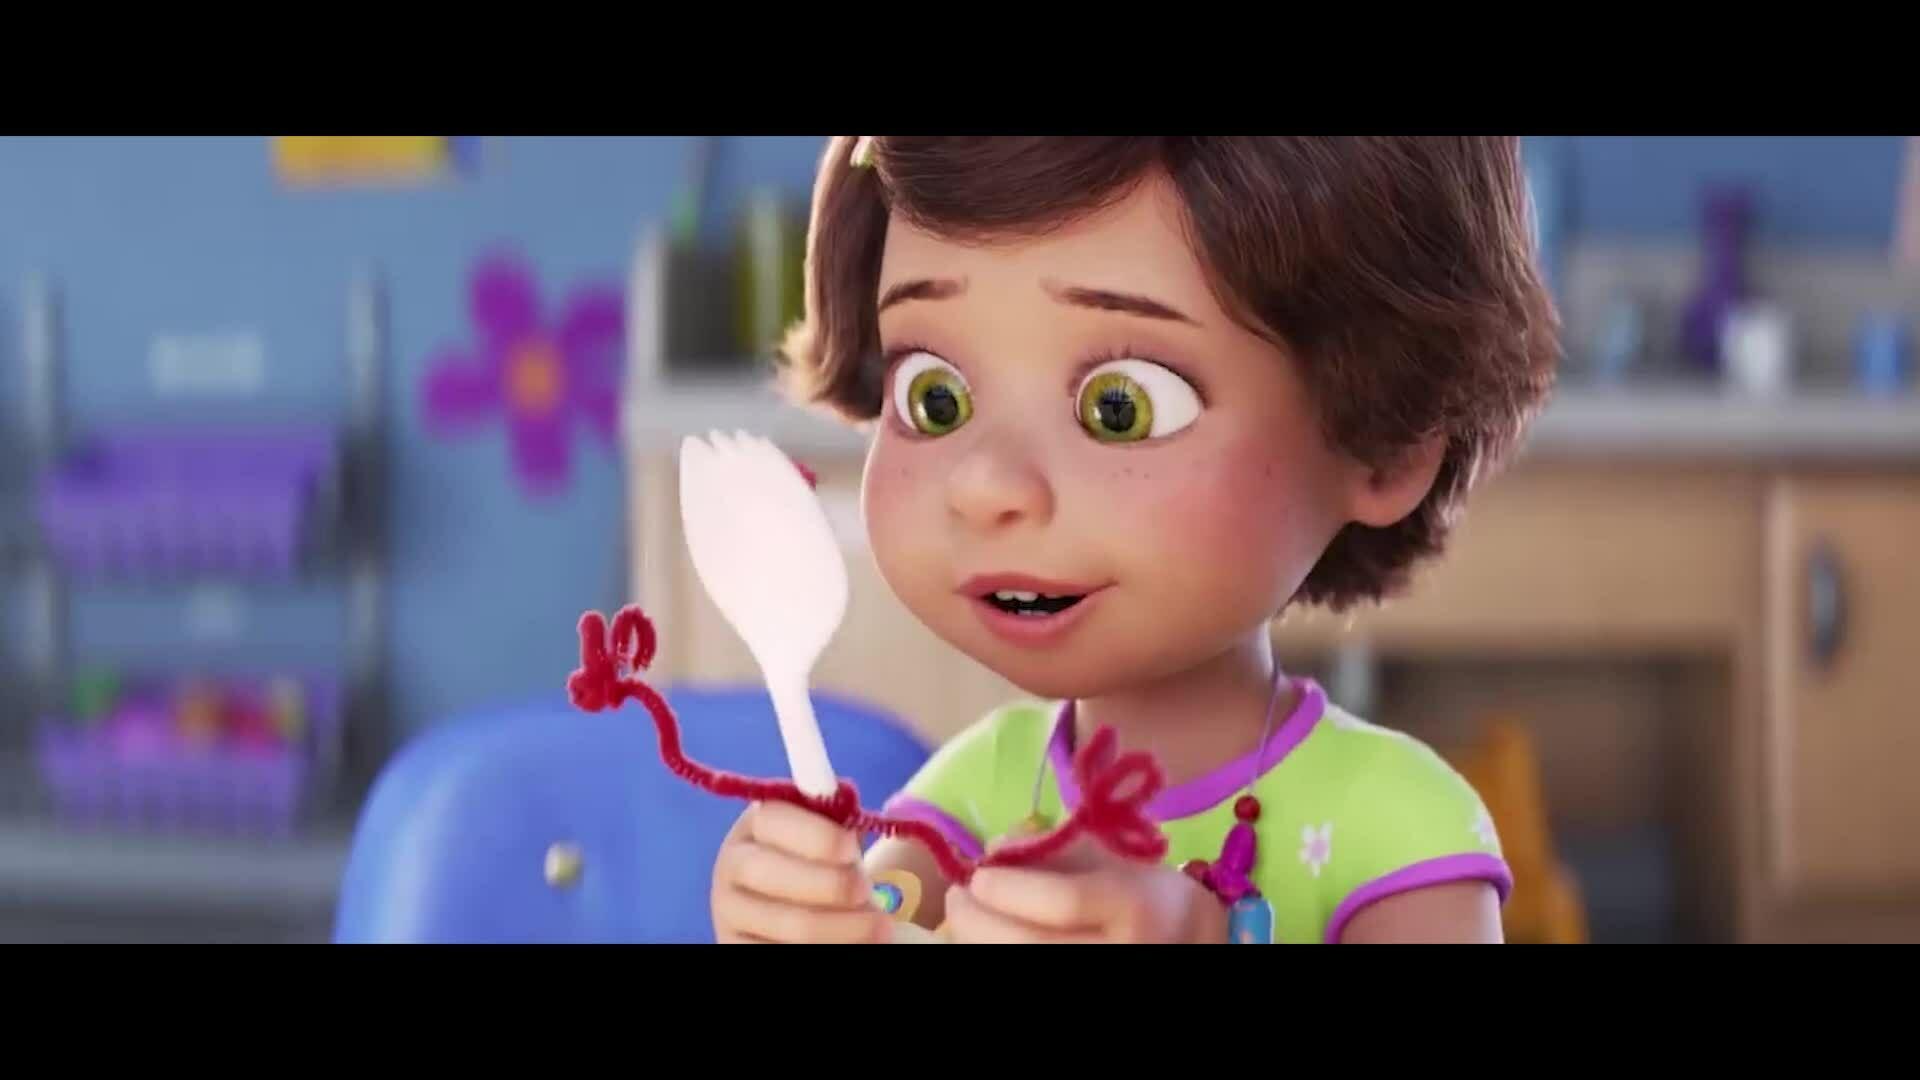 Toy Story 4 kể chuyện chiếc nĩa hòa nhập thế giới đồ chơi